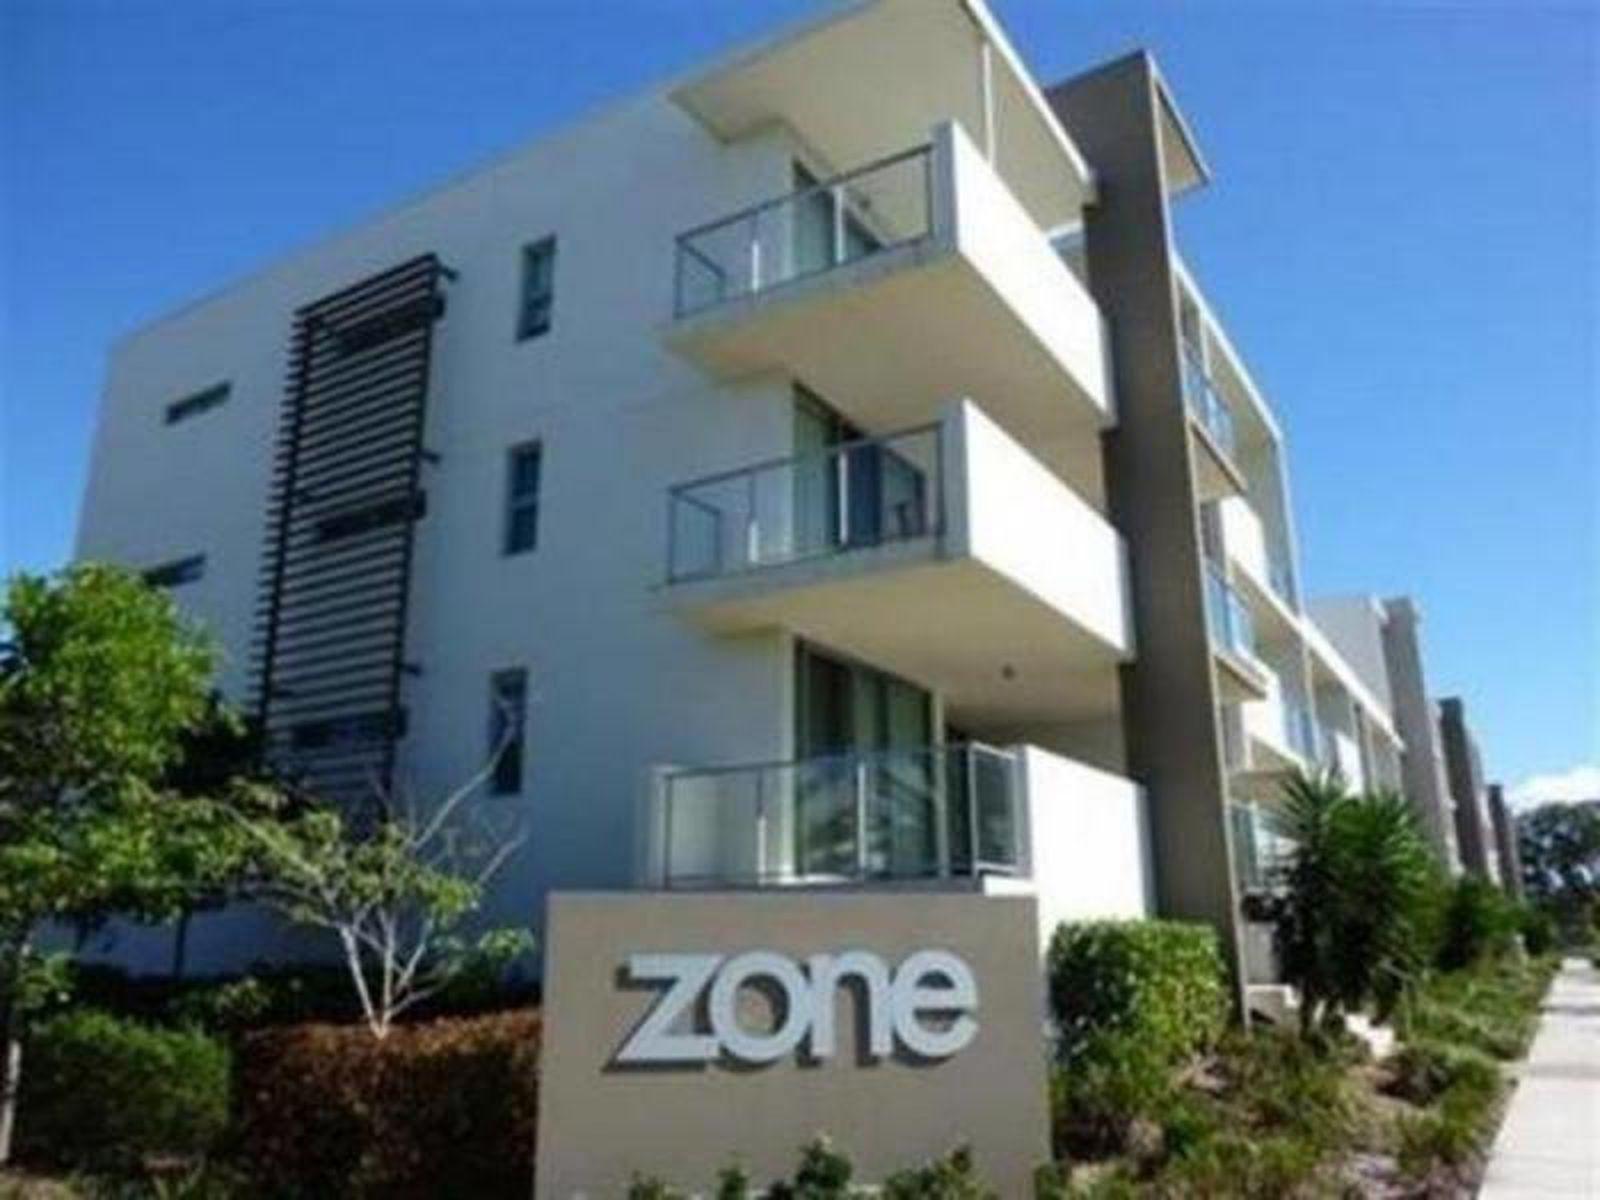 The Zone / 2 Gaven Crescent, Mermaid Beach